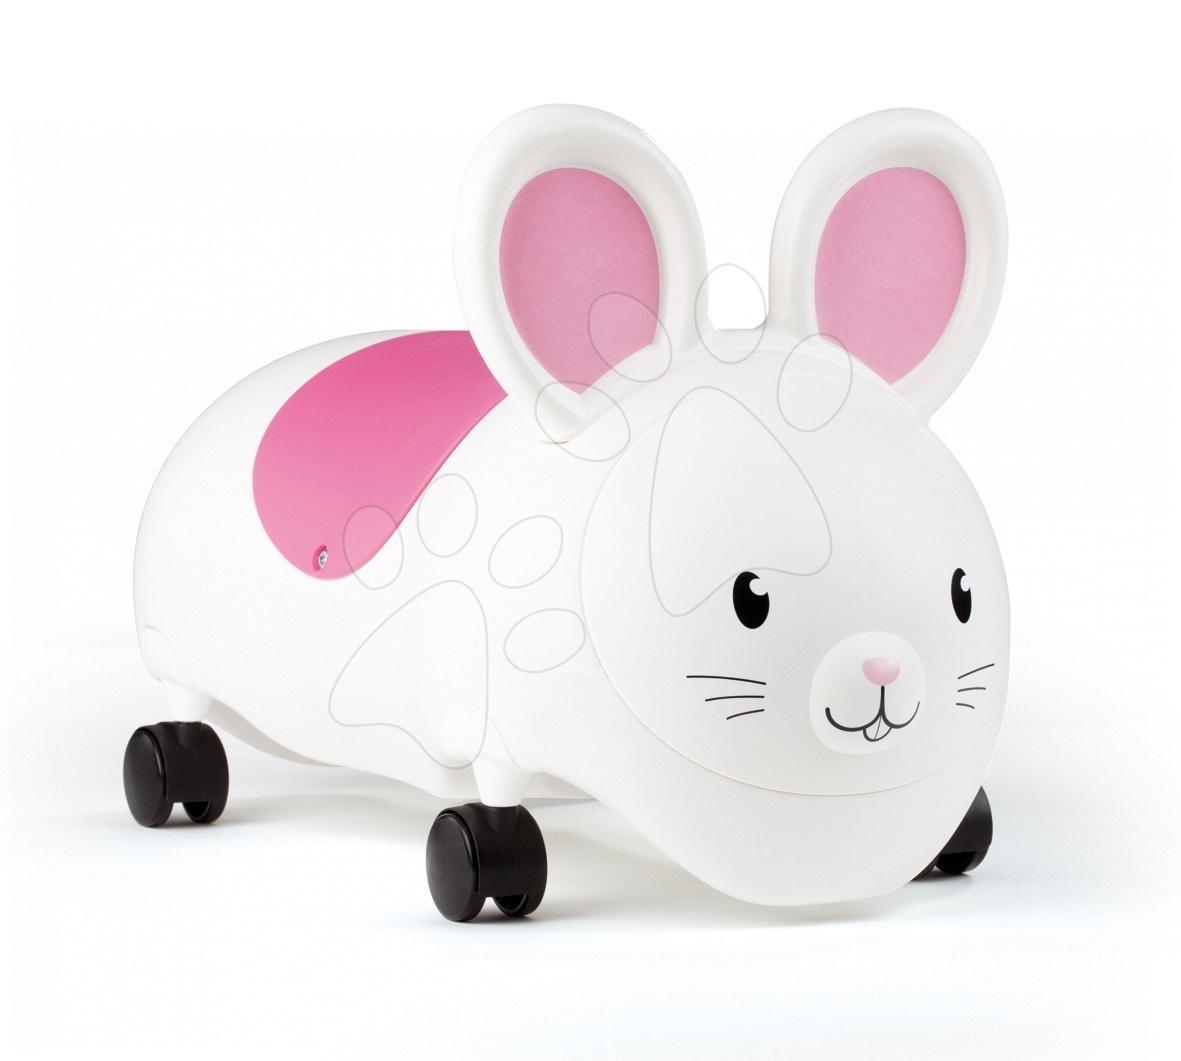 Odstrkovadlo Happy Mouse Ride On myška Smoby od 12 měsíců